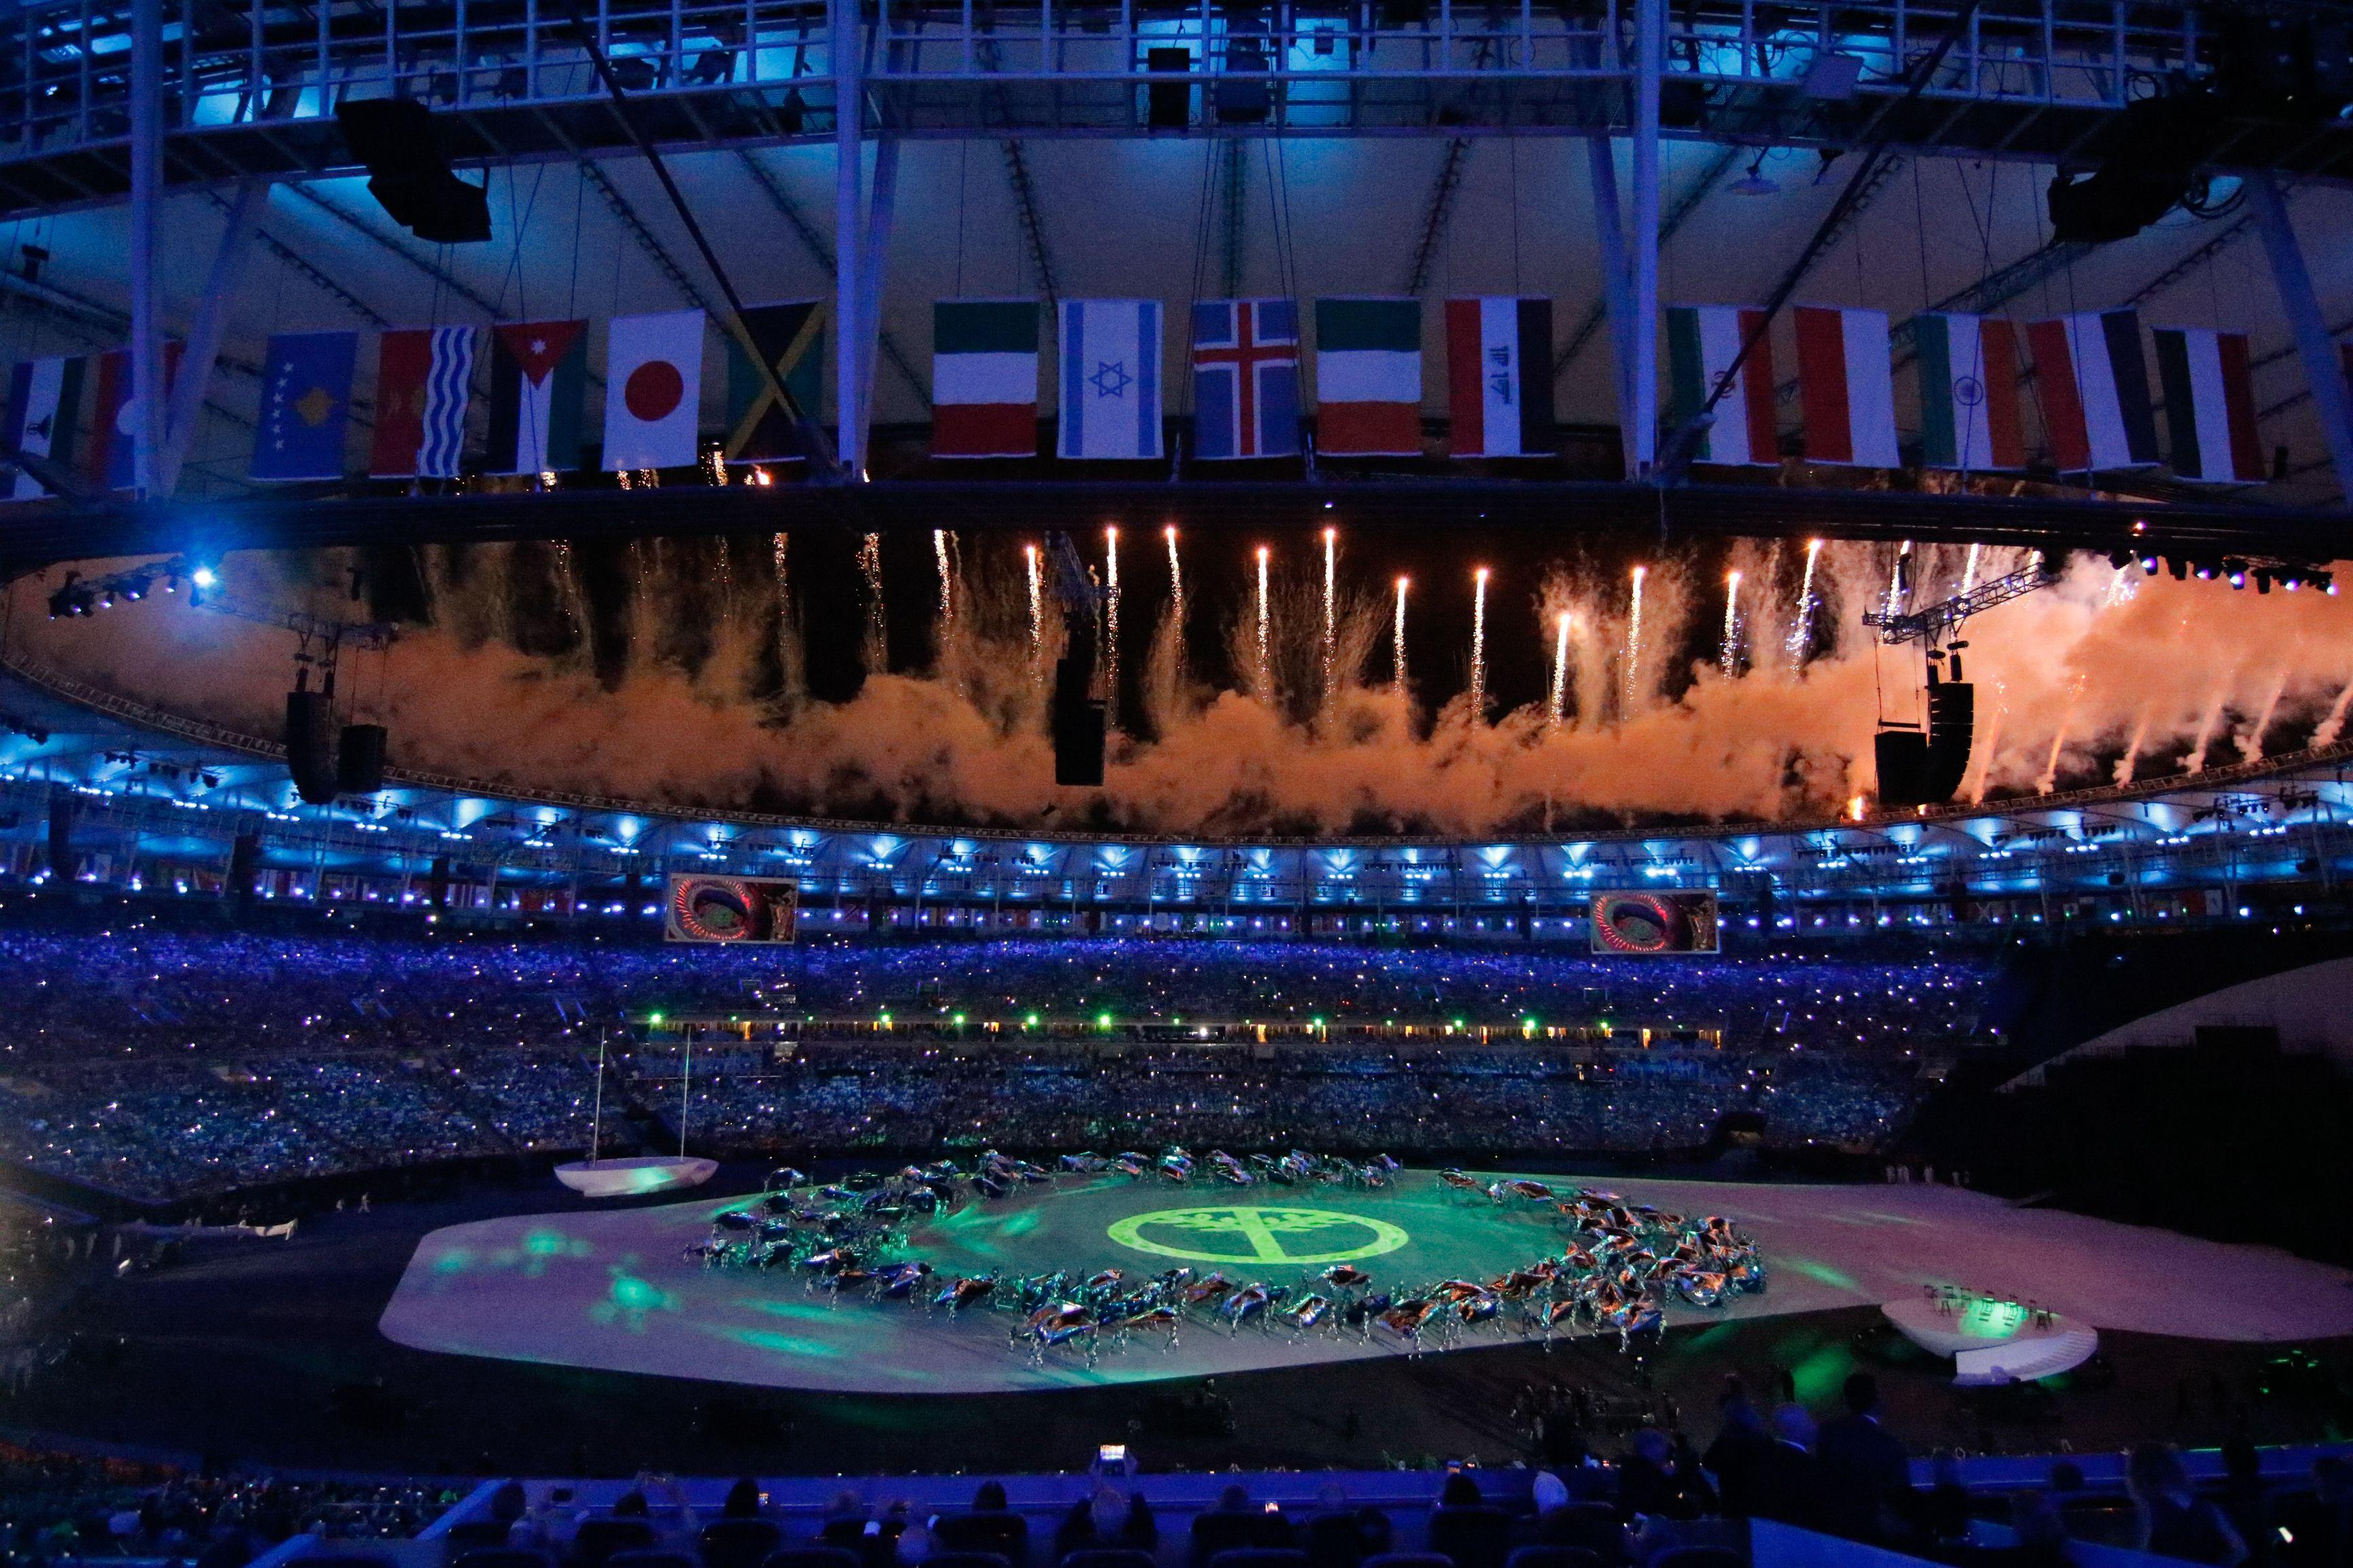 Rio de Janeiro - Público se encanta com a cerimônia de abertura dos Jogos  Olímpicos Rio daa40d10804ec